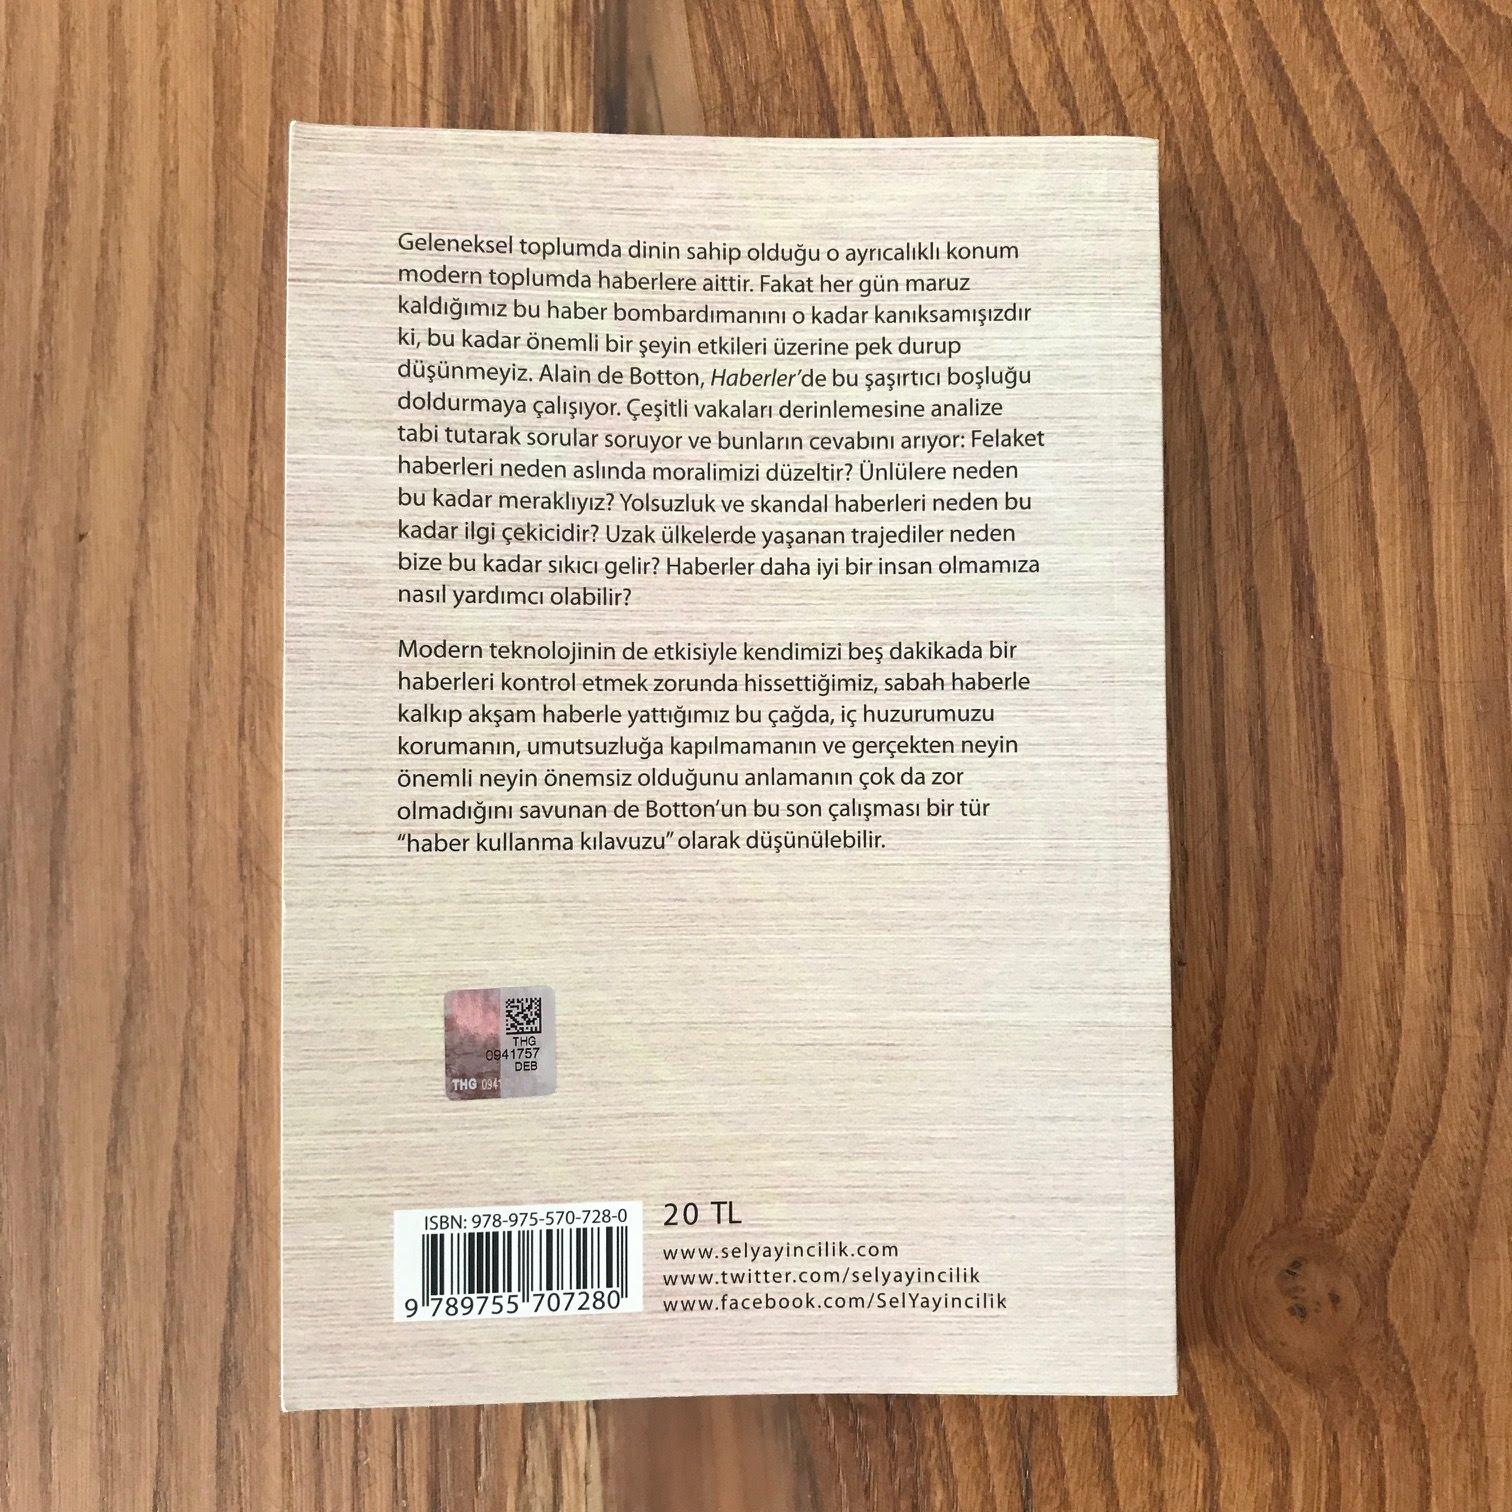 Haberler - Bir Kullanma Kilavuzu Arka Kapak (Kitap)